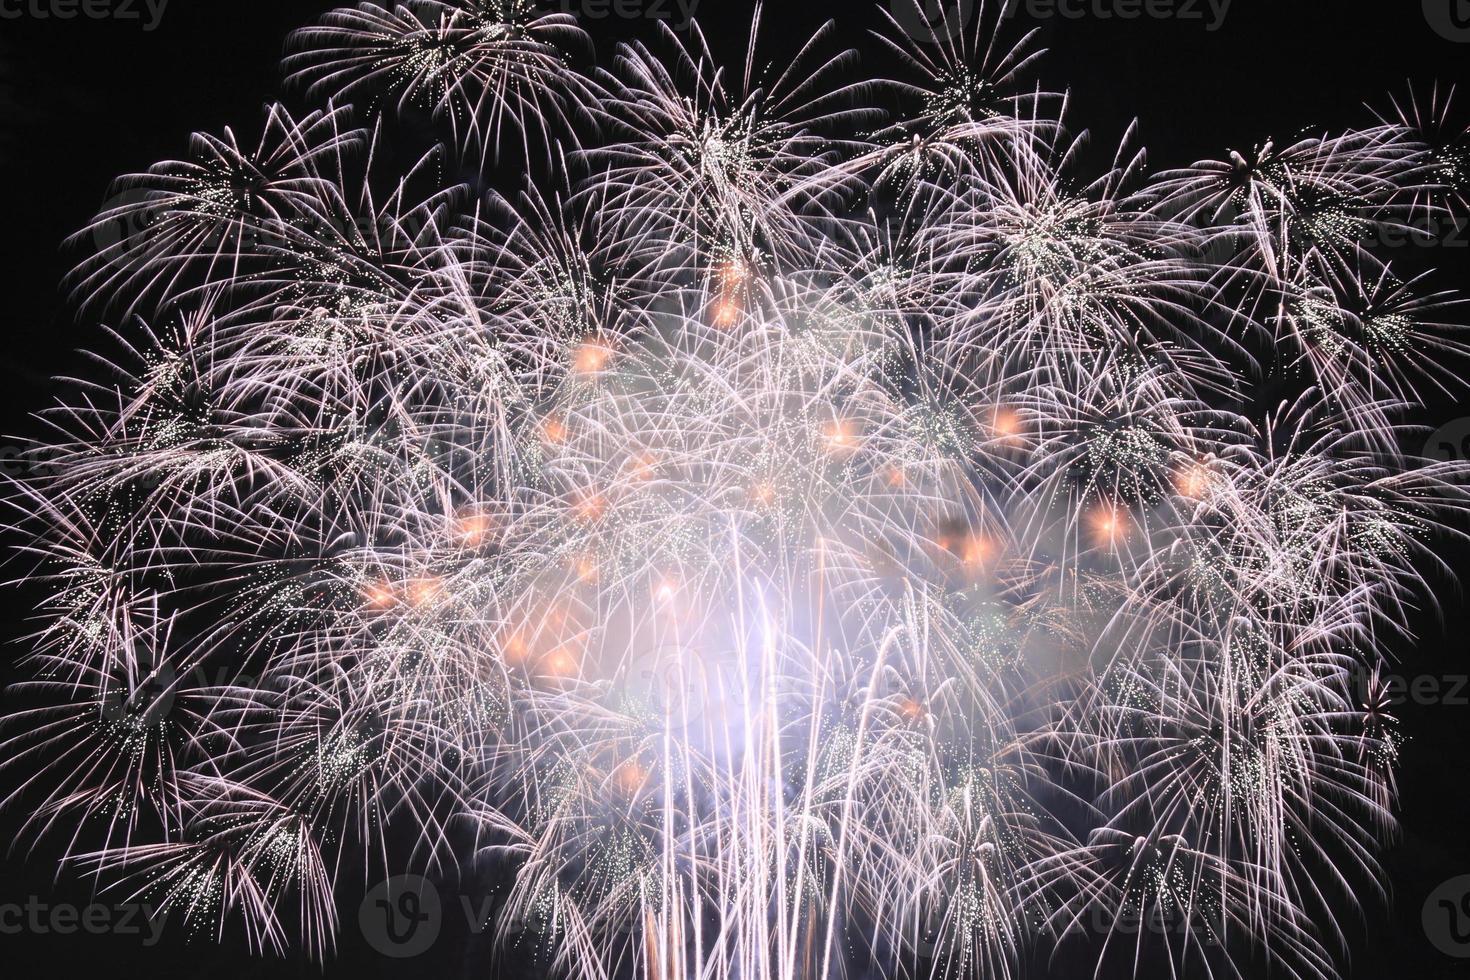 fuegos artificiales tradicionales japoneses en el cielo nocturno foto